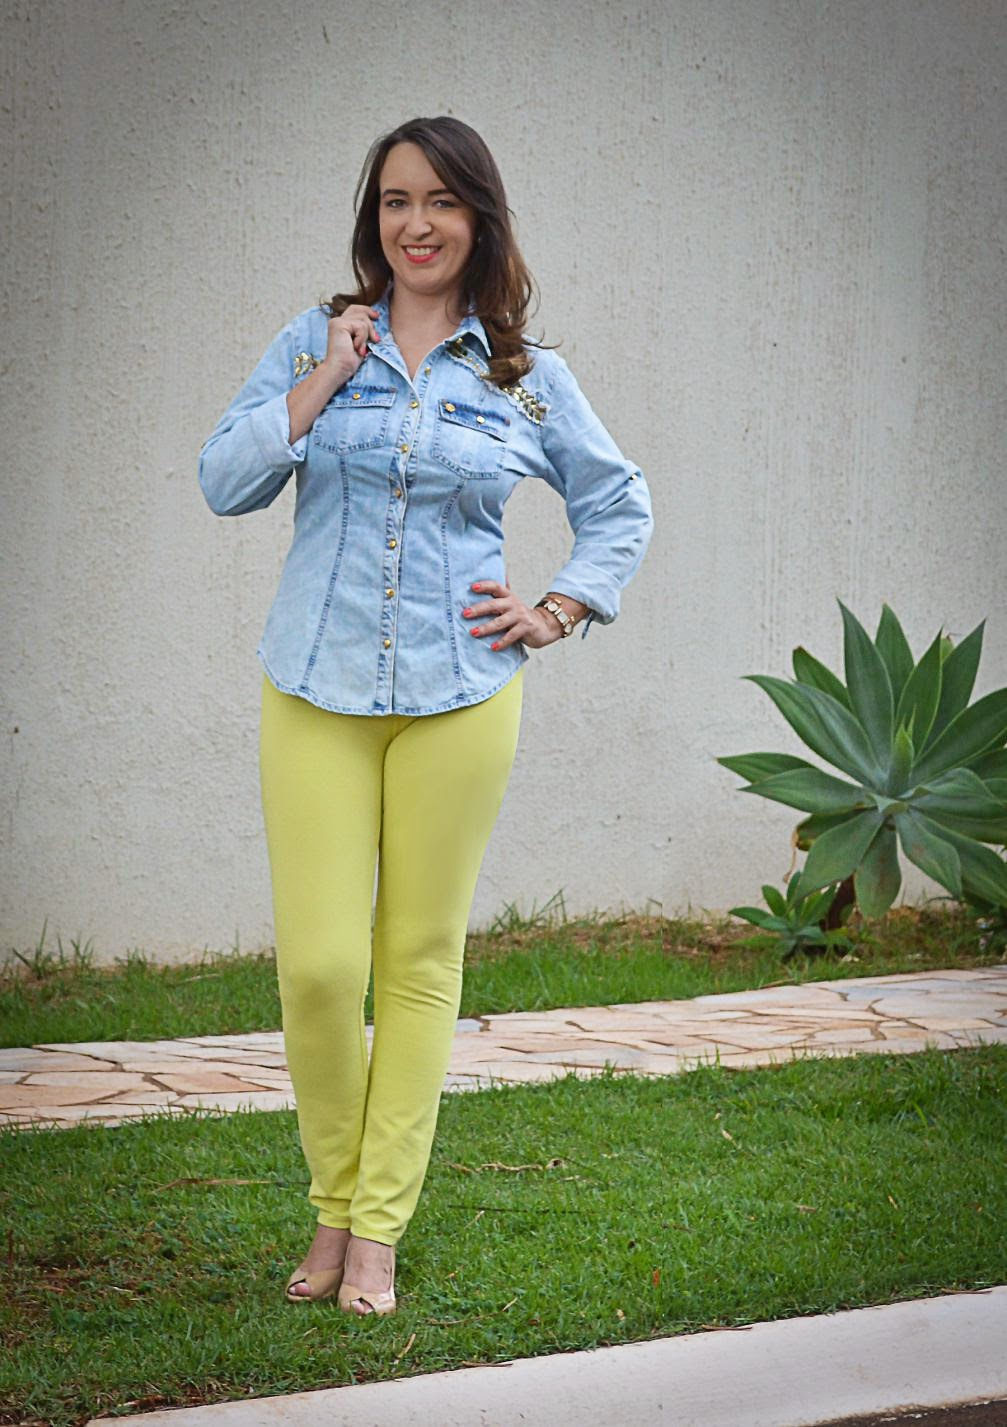 trend alert, cor neon, tendência verão 2015, como usar a cor neon, look do dia, camisa jeans, como usar camisa jeans, blog de moda em ribeirão preto, fashion blogger, blog camila andrade, look do dia, du jour